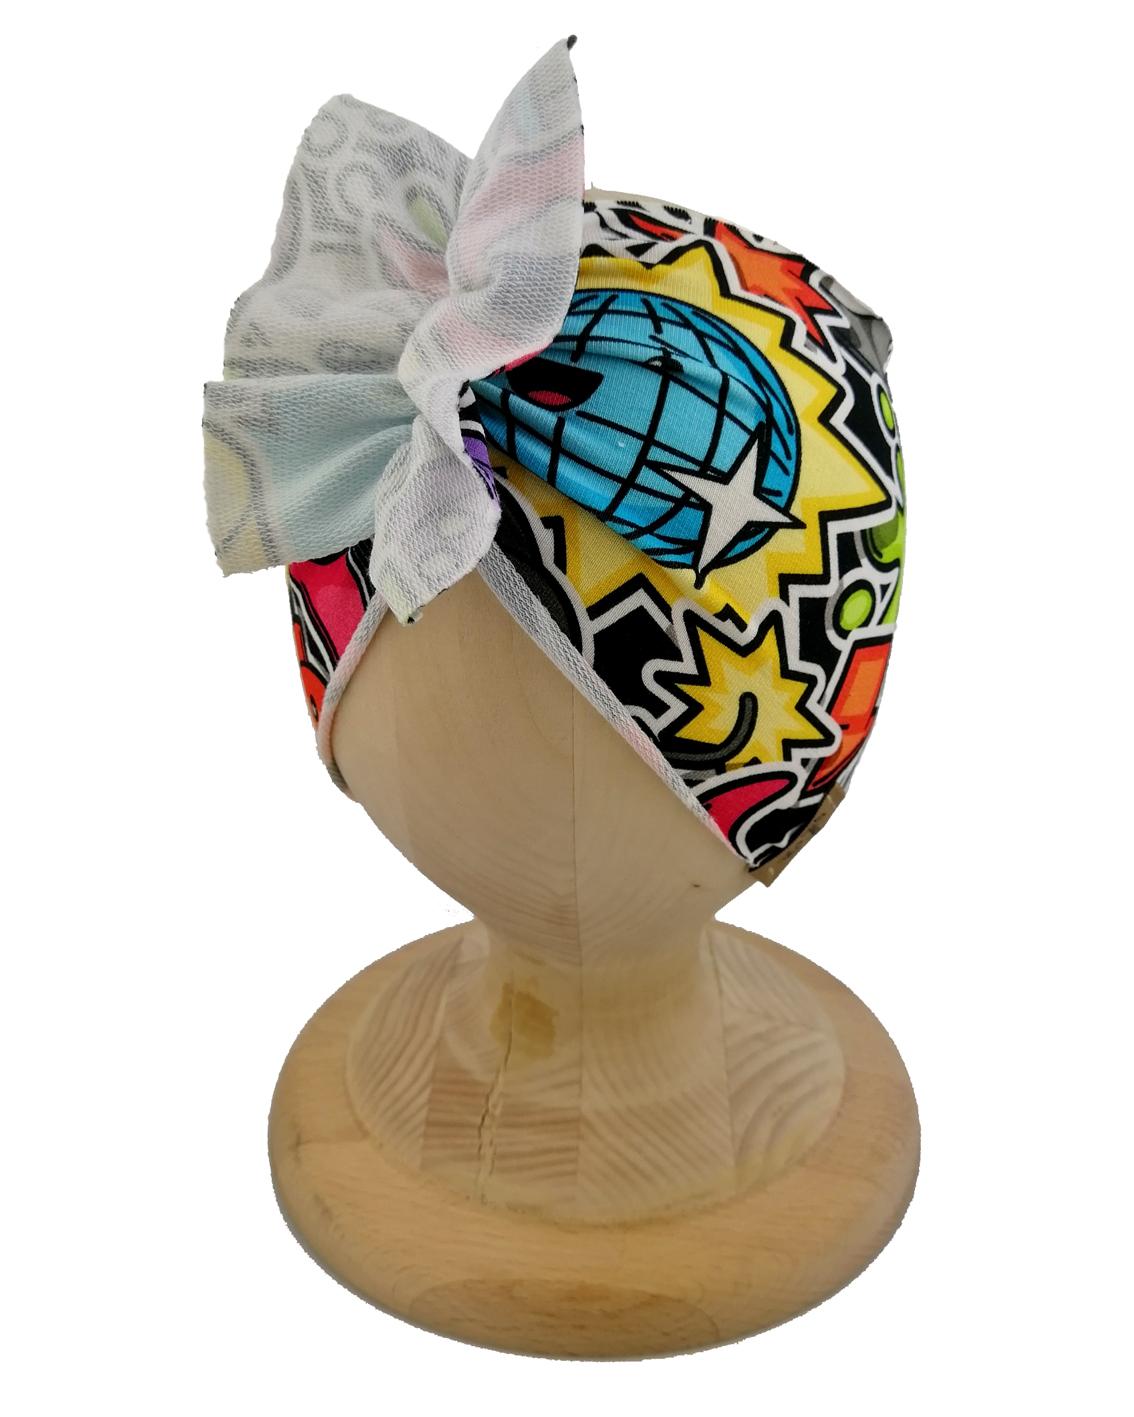 Opaska dziewczęca motylak. Uszyta z bawełny pętelkowej typu dresówka. Wzór graffiti. Marka Gracja Styl